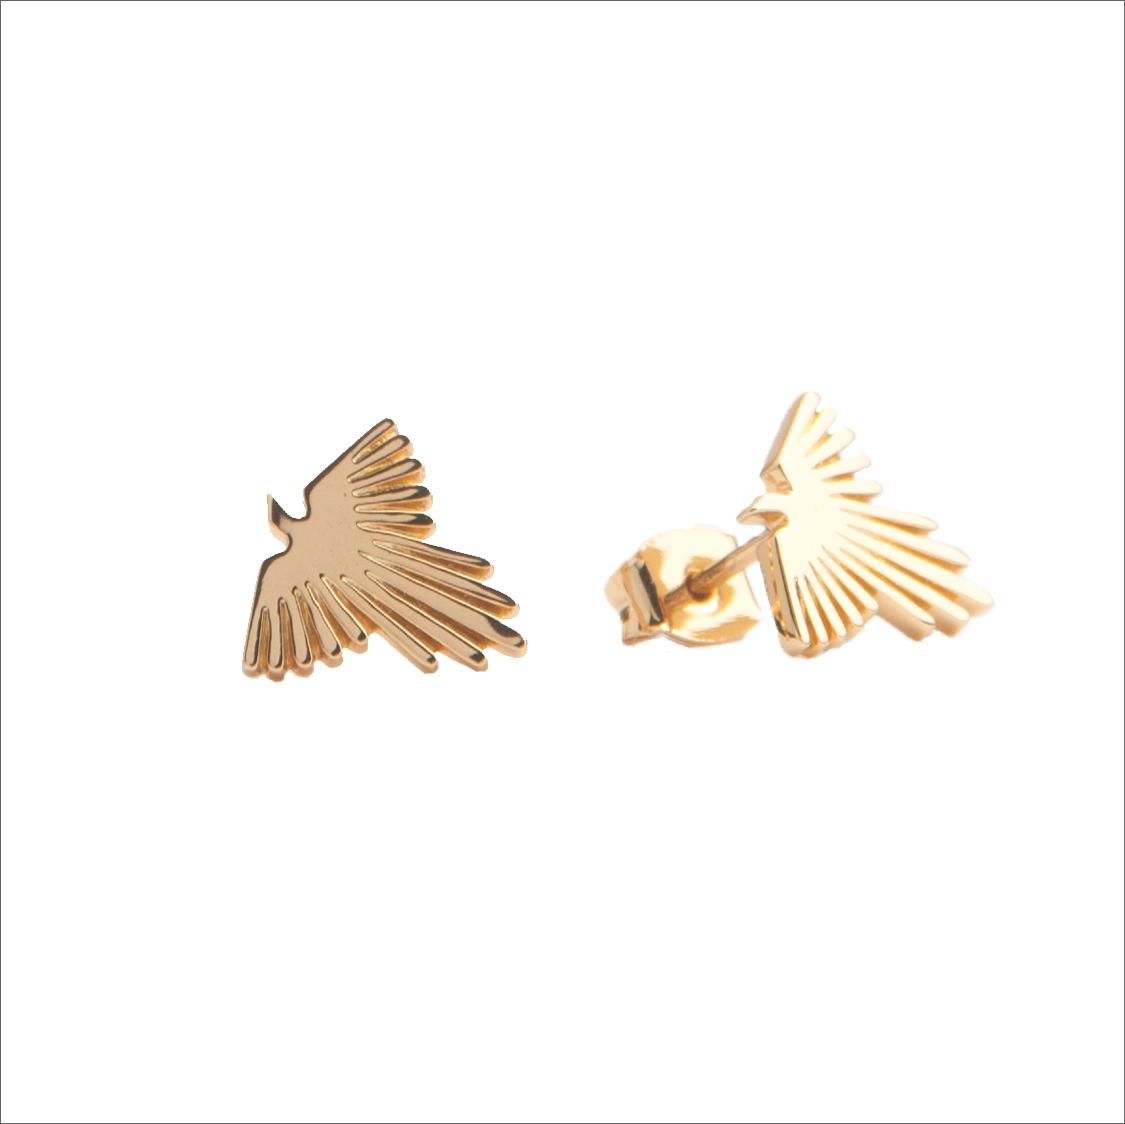 Goldfarbene ALLTHELUCKINTHEWORLD Ohrringe PARADE EARRINGS EAGLE 5oA6O